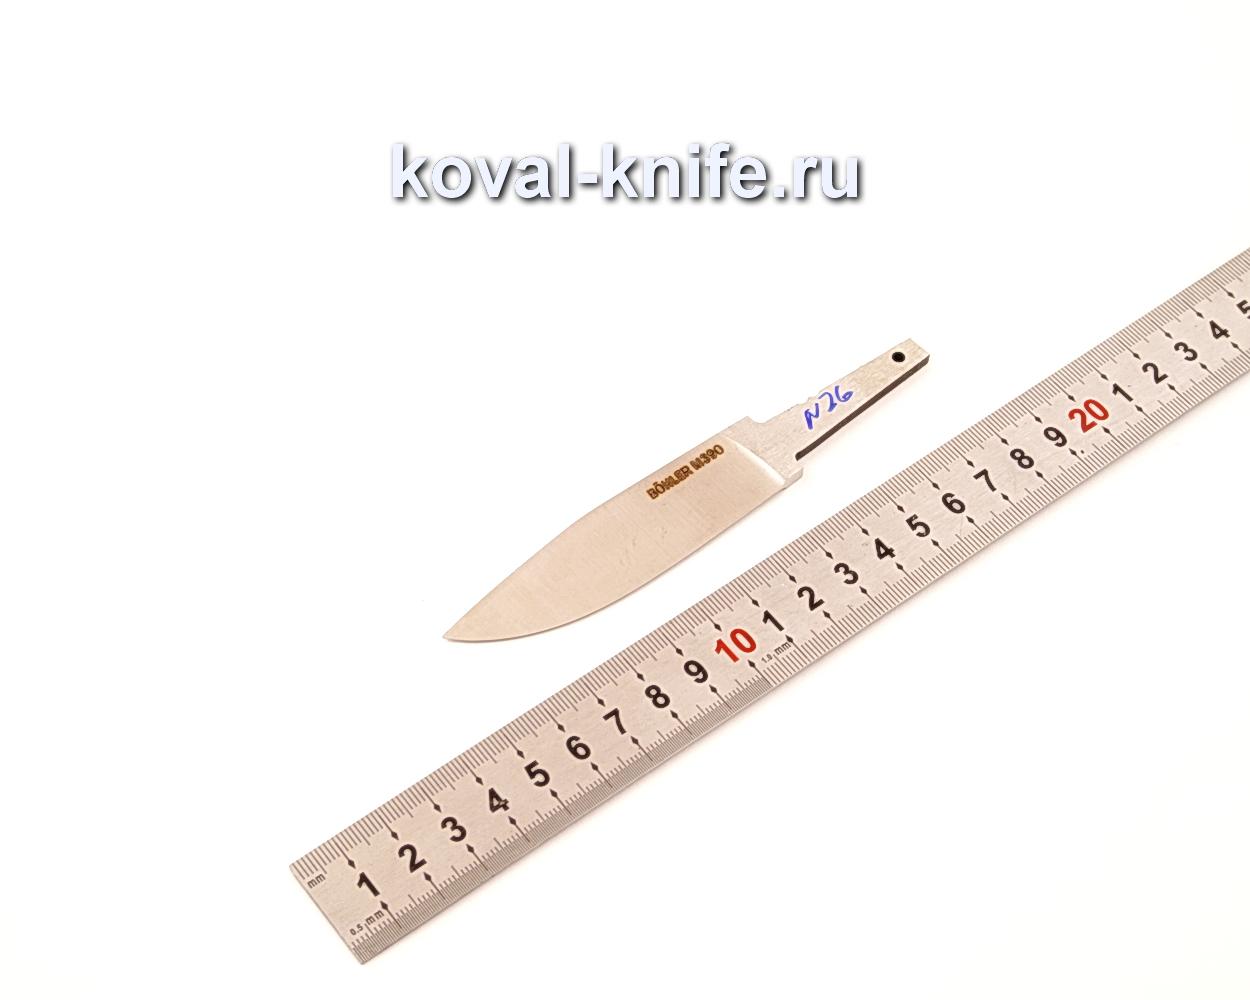 Клинок для ножа из порошковой стали Bohler M390 N26